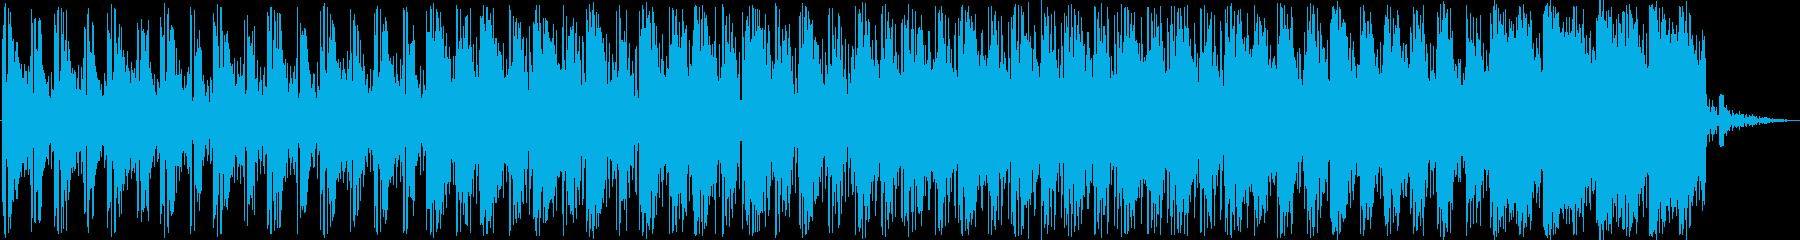 動画 技術的な 希望的 ハイテク ...の再生済みの波形